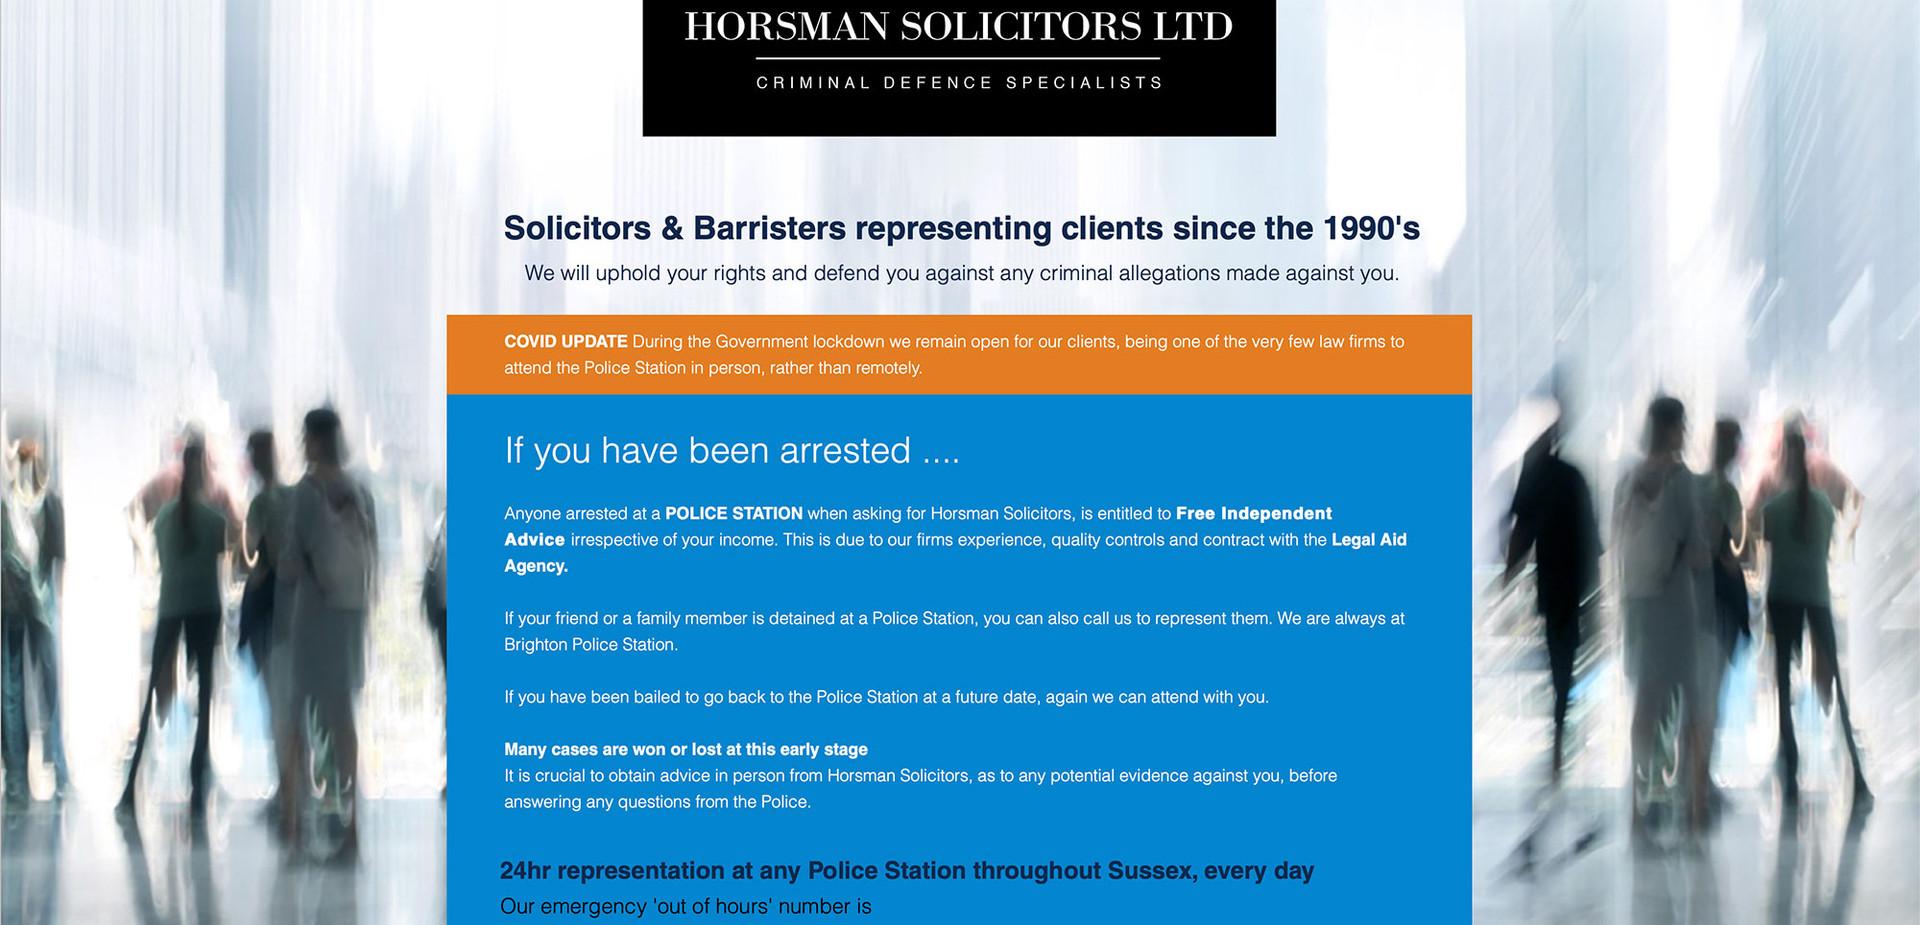 HORSMAN SOLICITORS